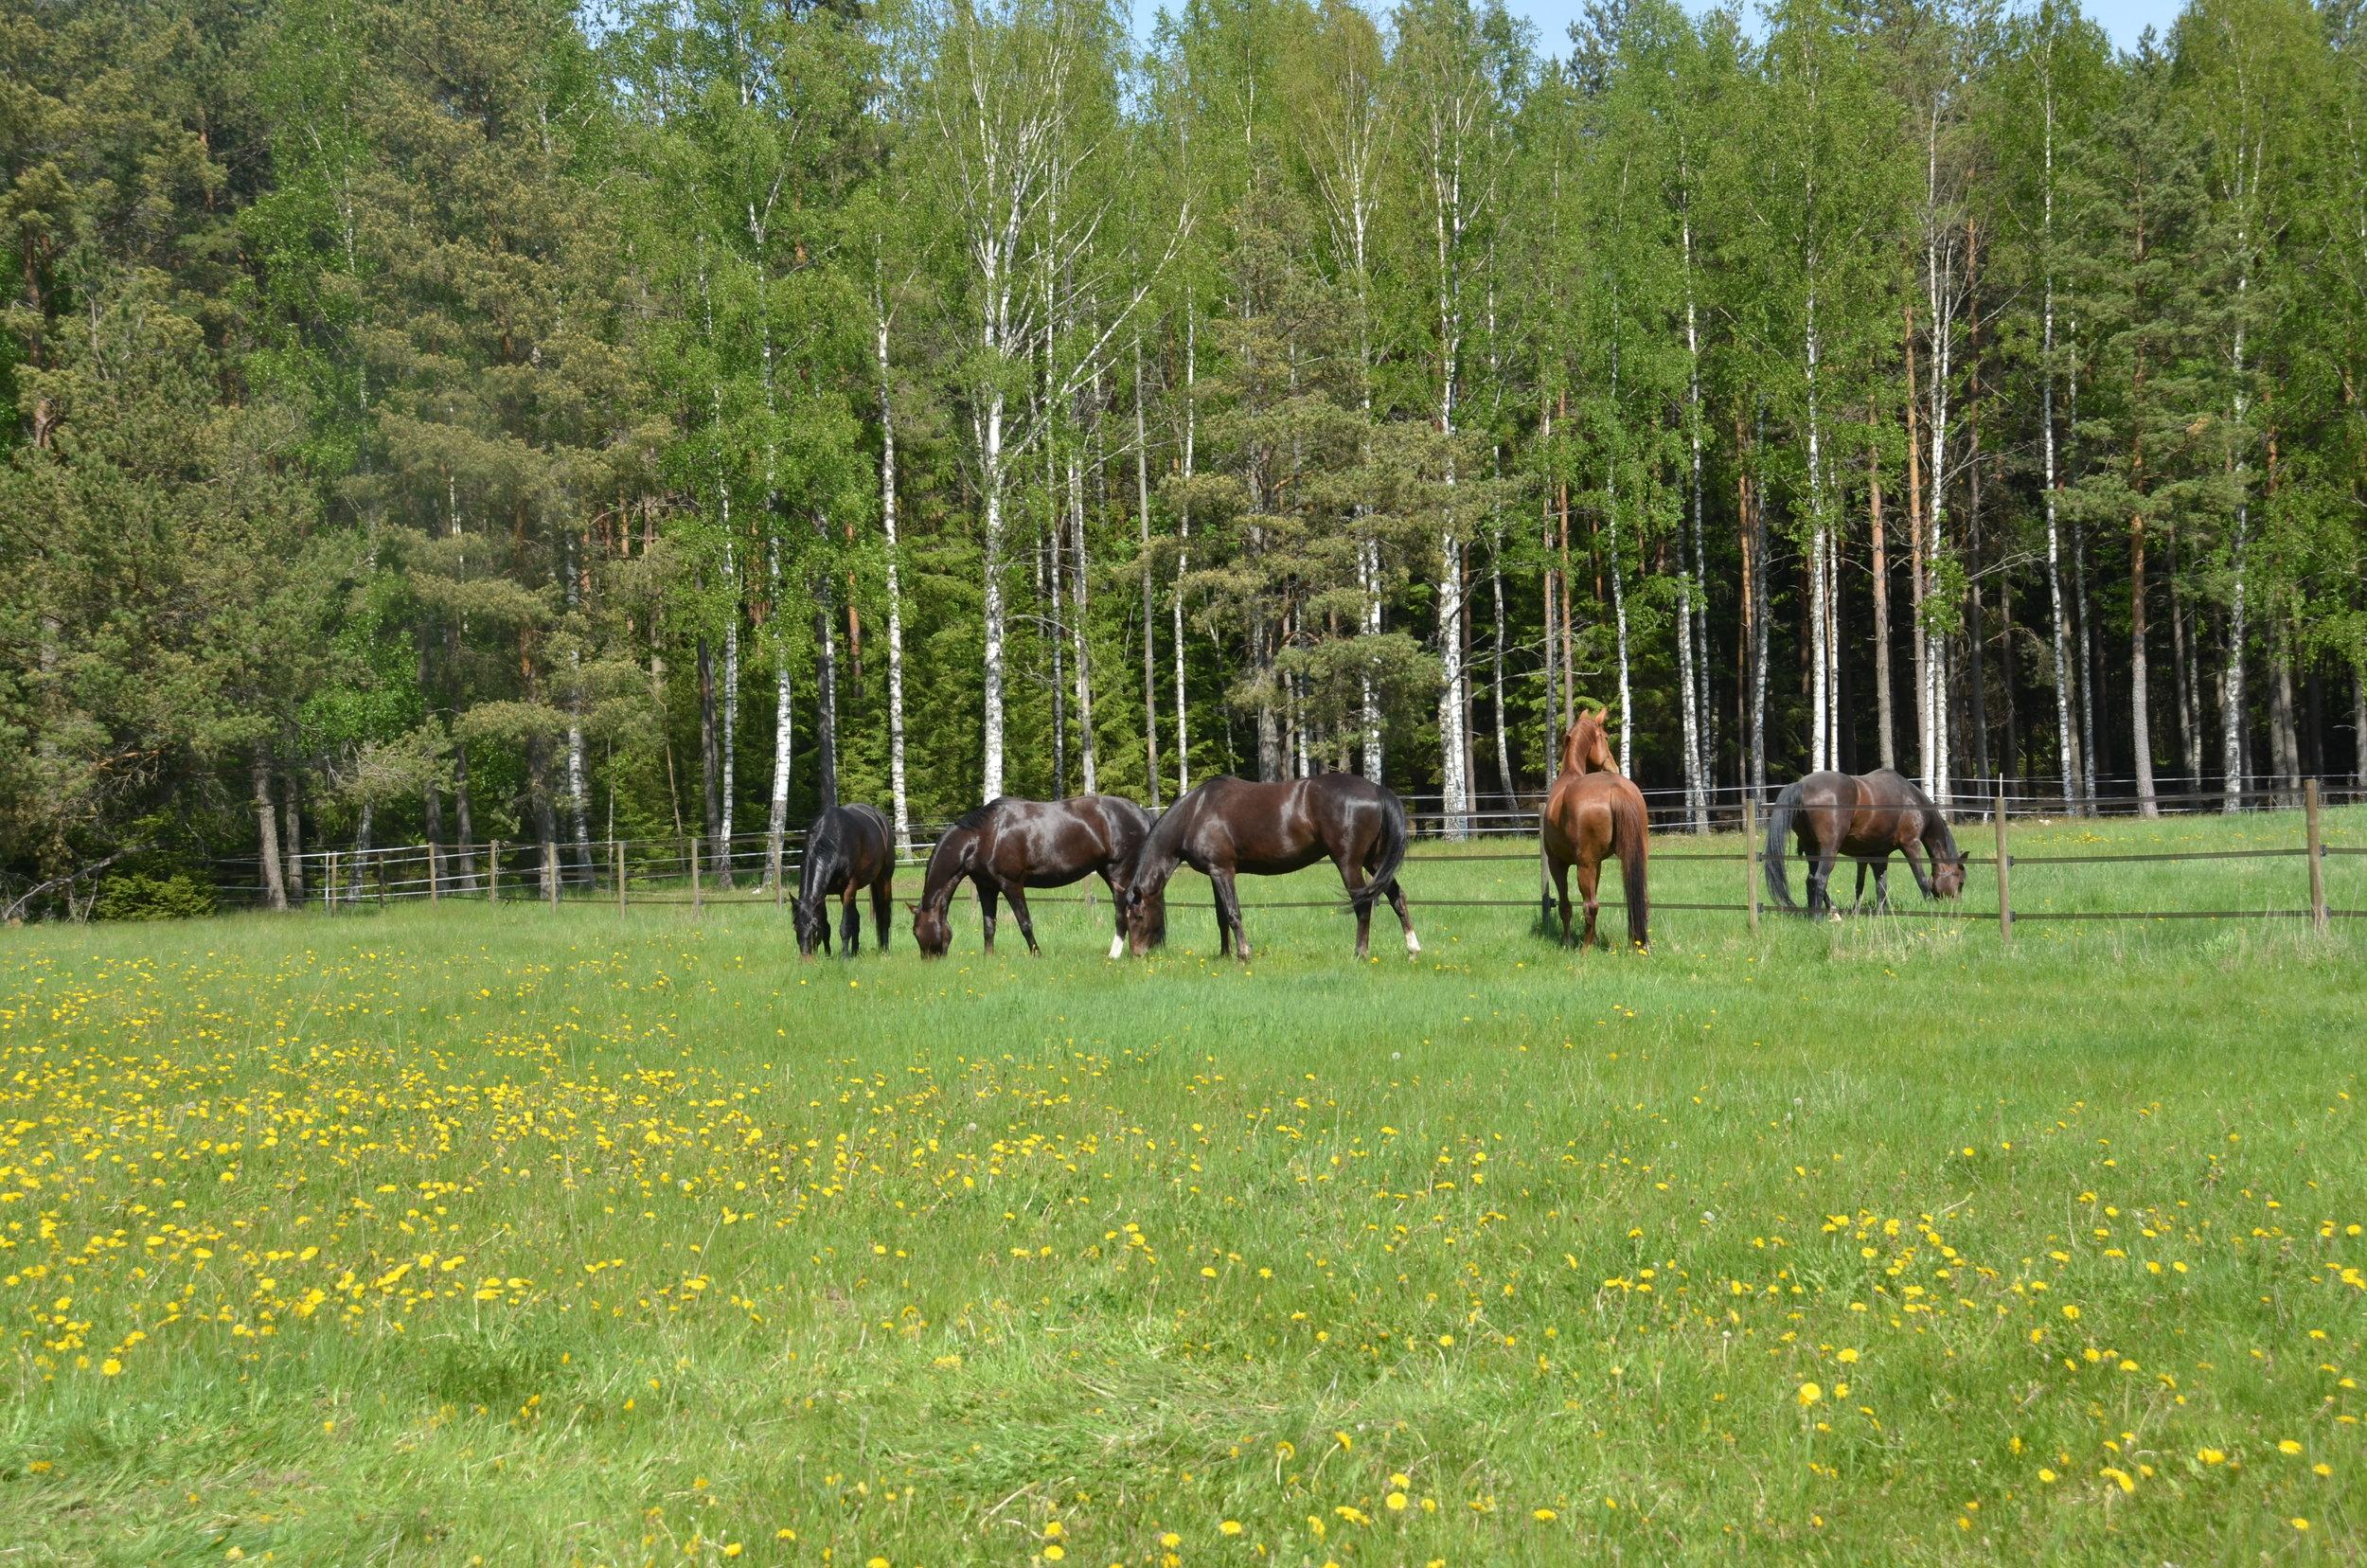 Primera andra hästen från vänster sommaren 2018